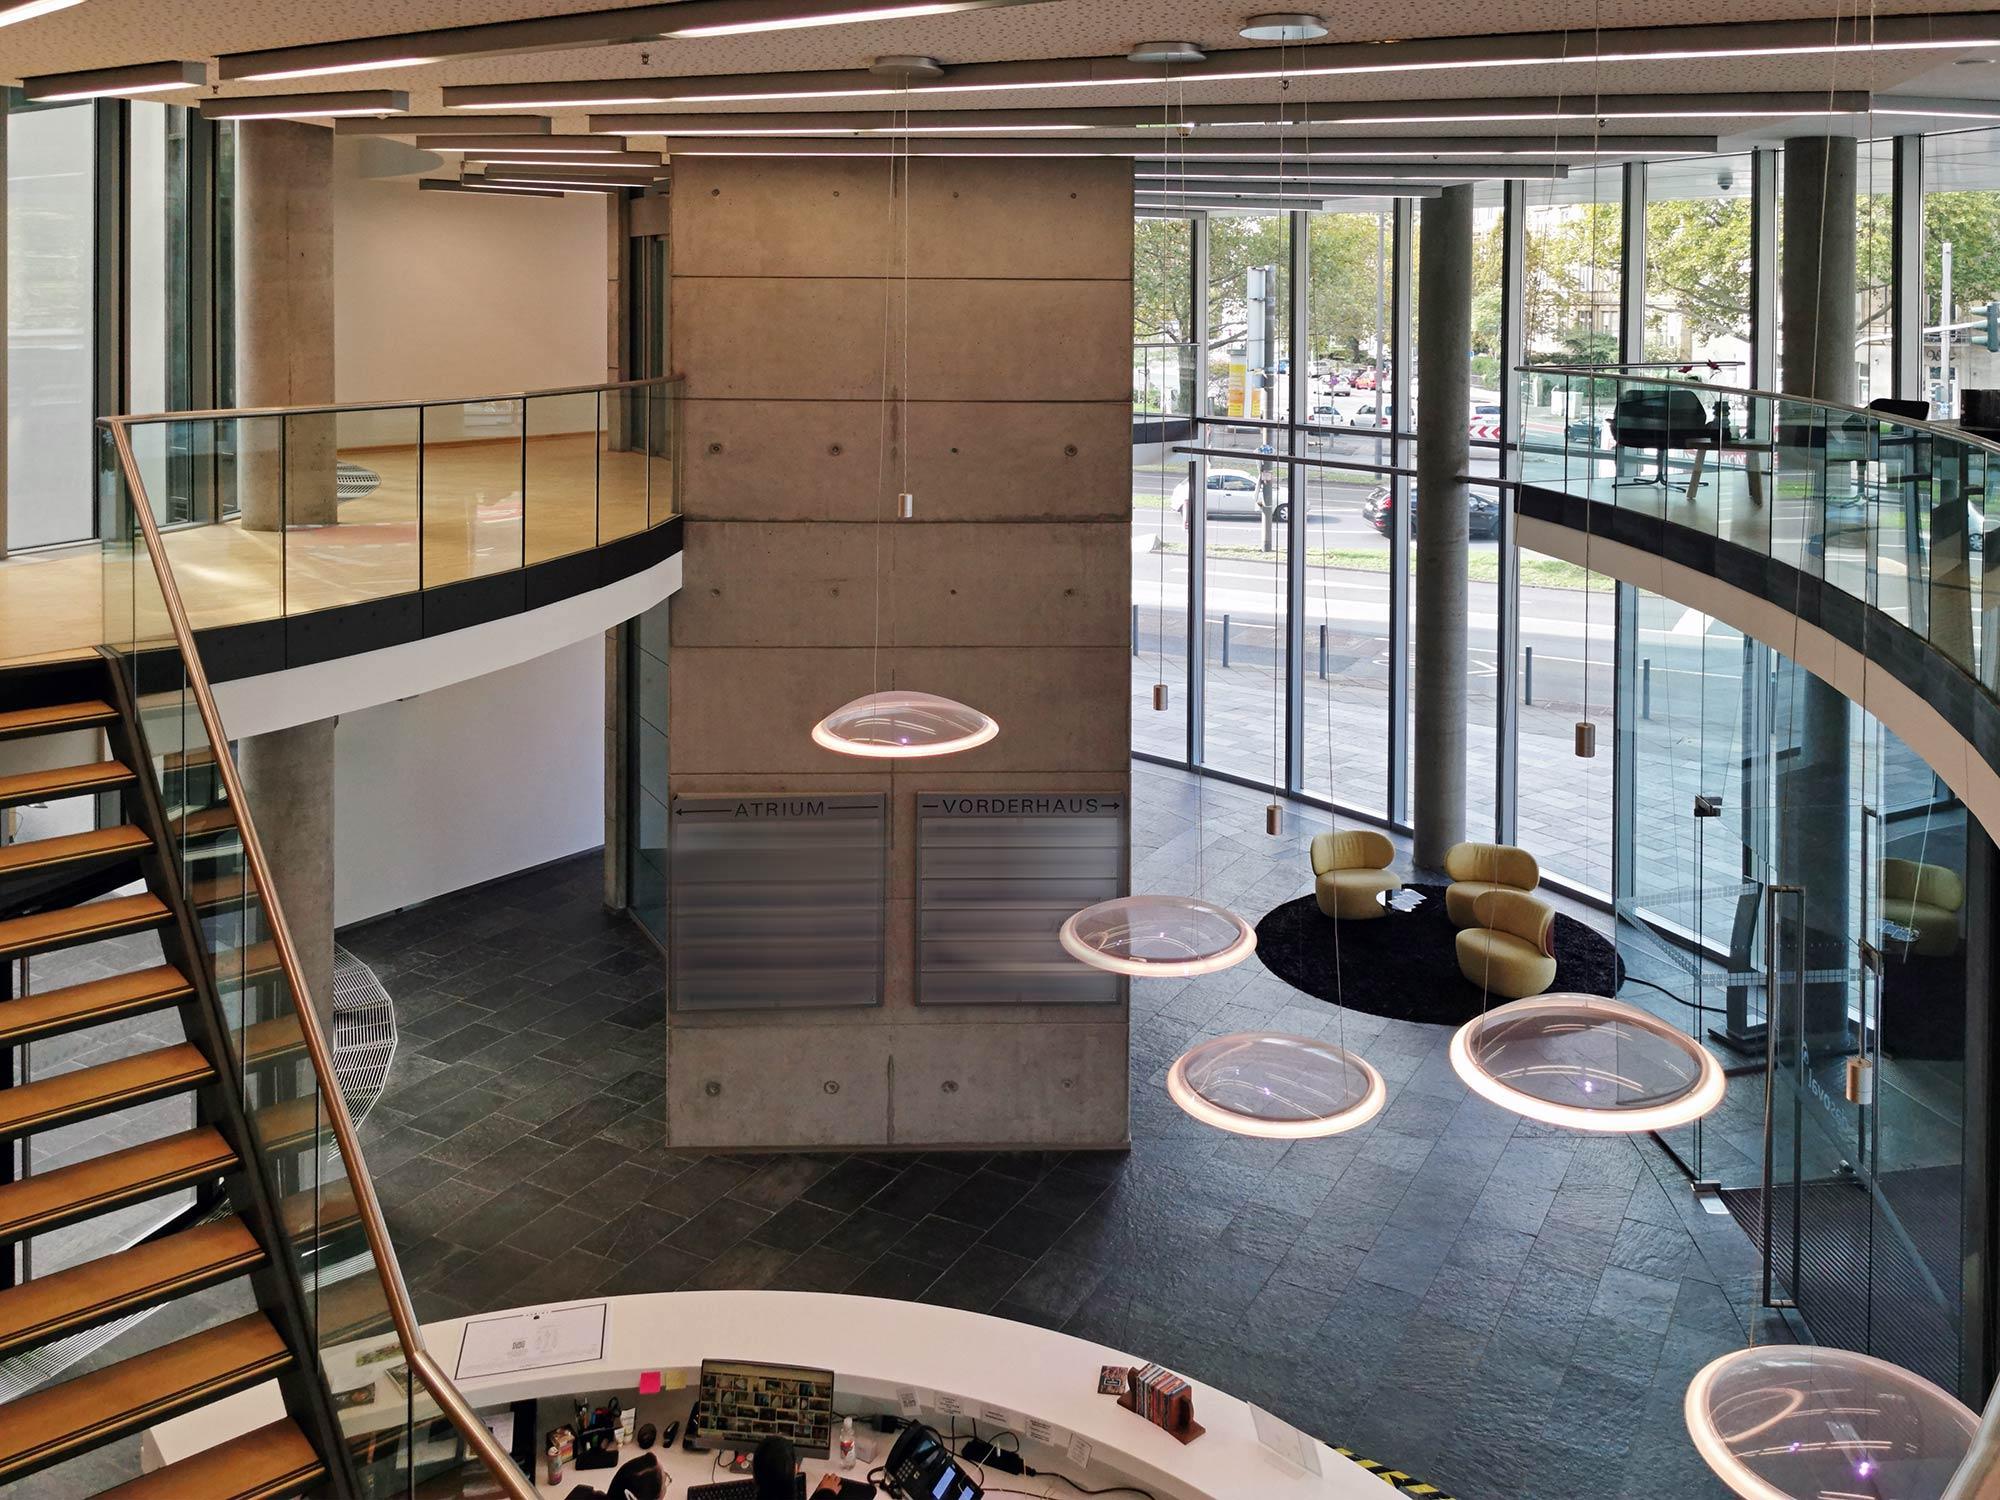 Oval am Basler Platz - Eingangsbereich Coworking Tribes Frankfurt